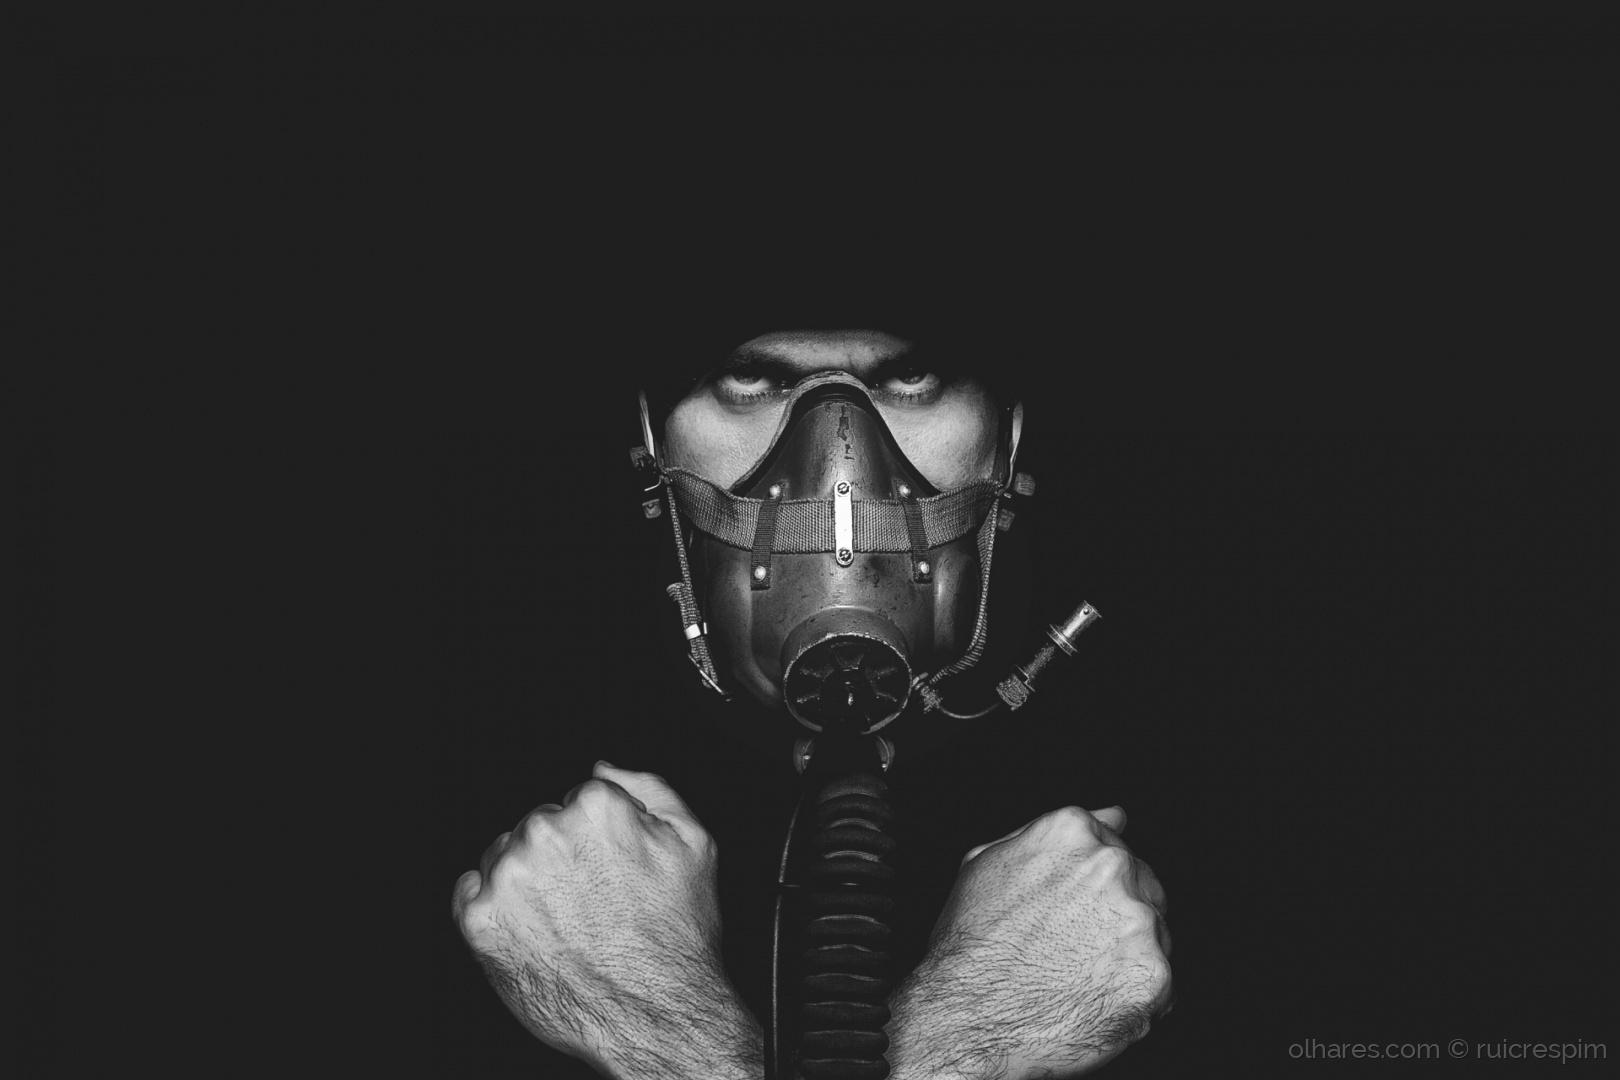 © ruicrespim - Máscaras